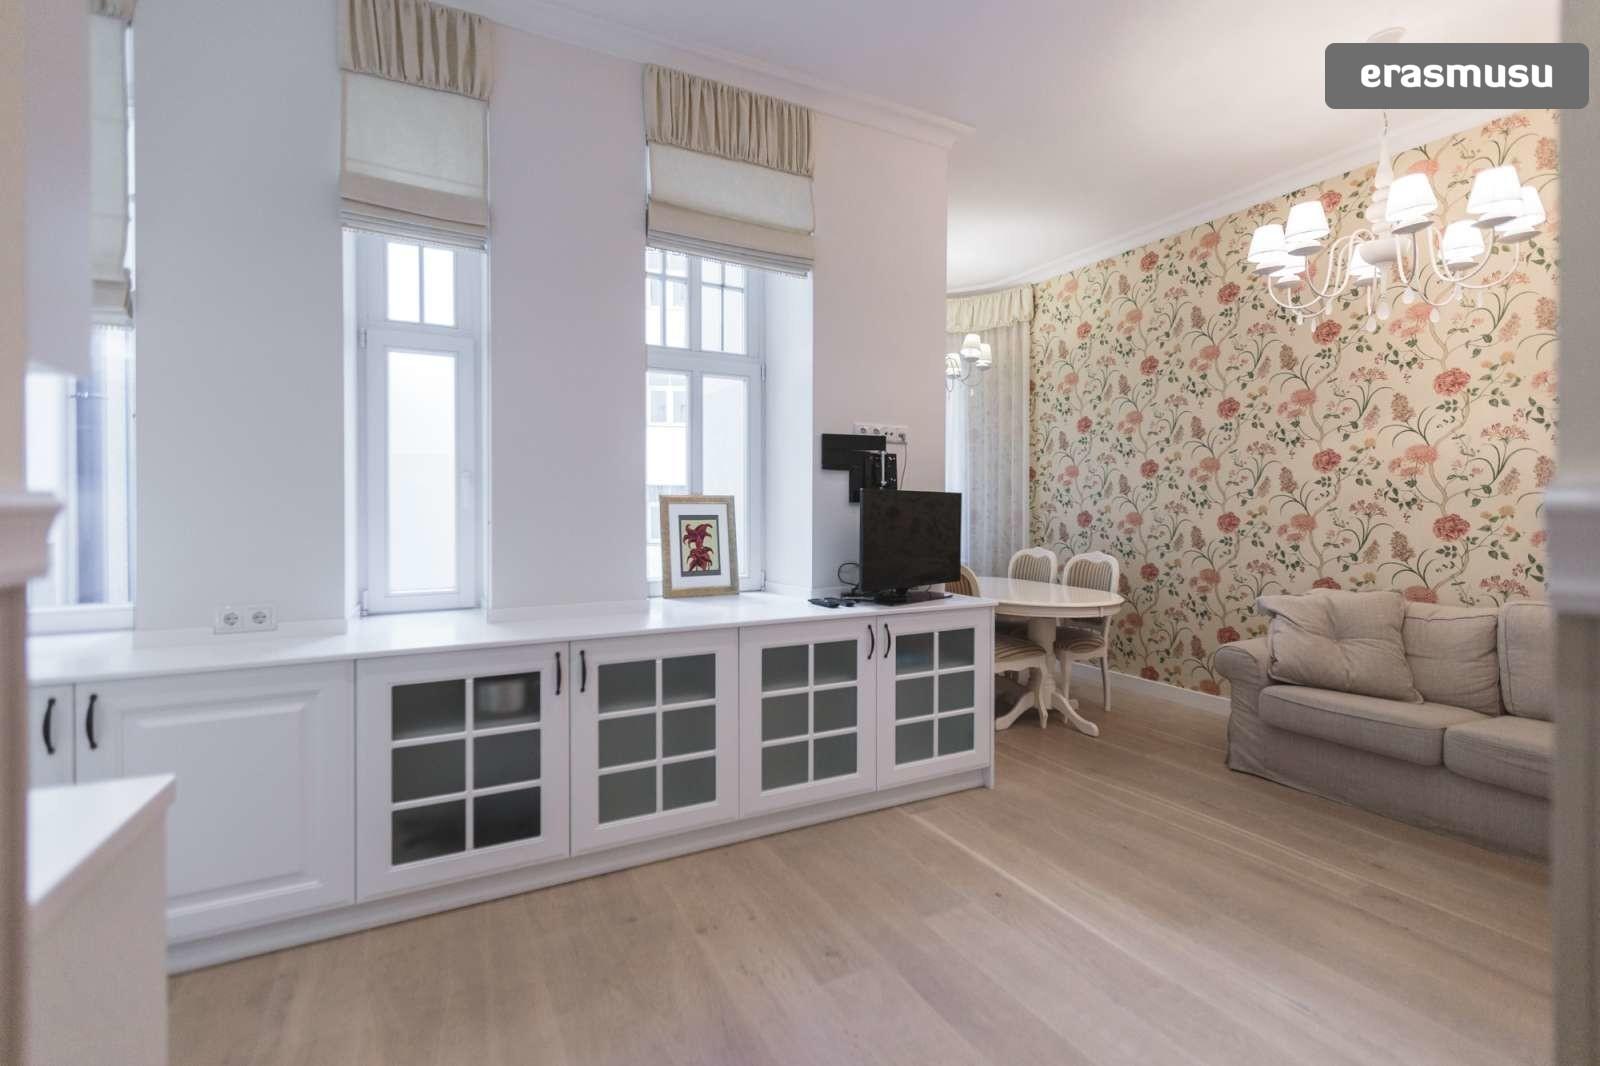 elegant-2-bedroom-partment-rent-centrs-029ea5c149c4145f35163ea87